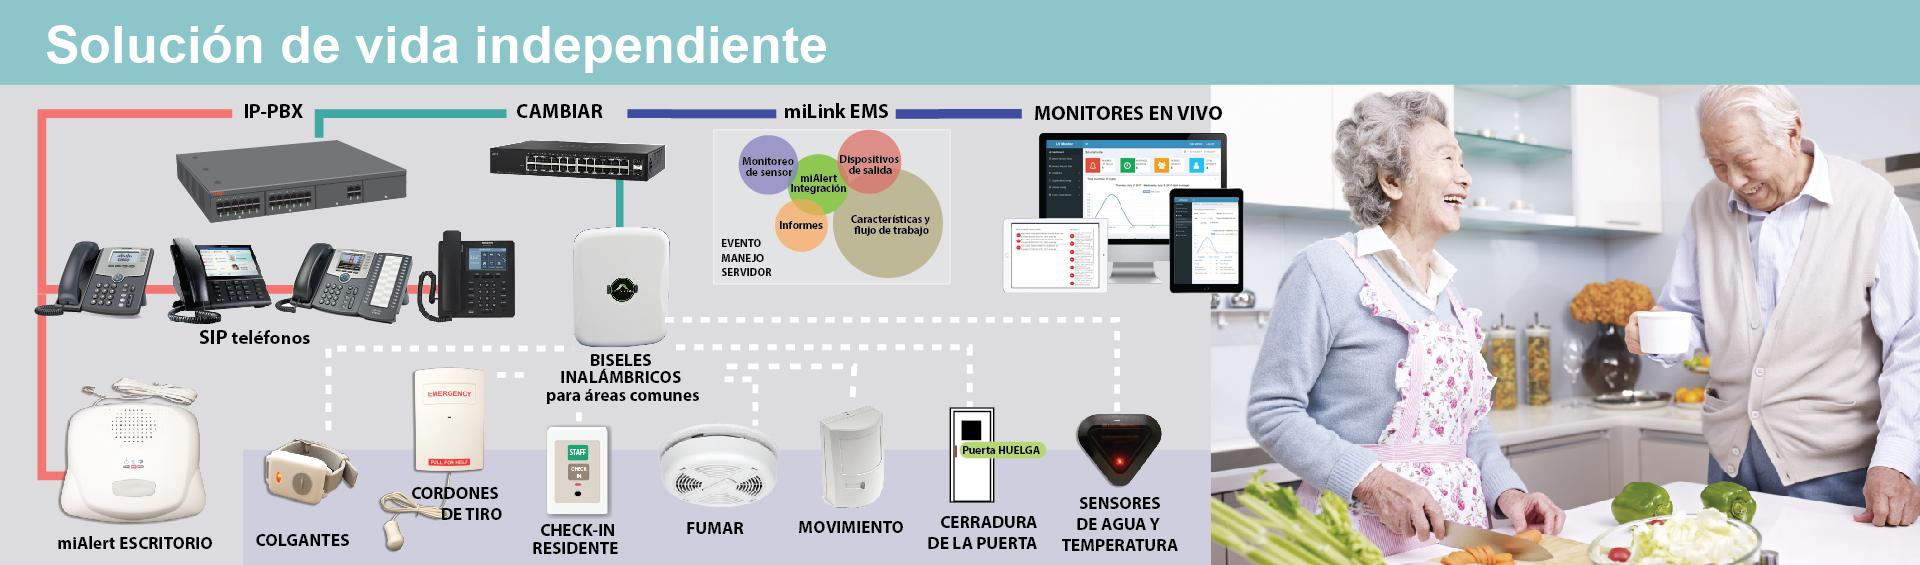 Slide5_IndependentLiving_Spanish-01